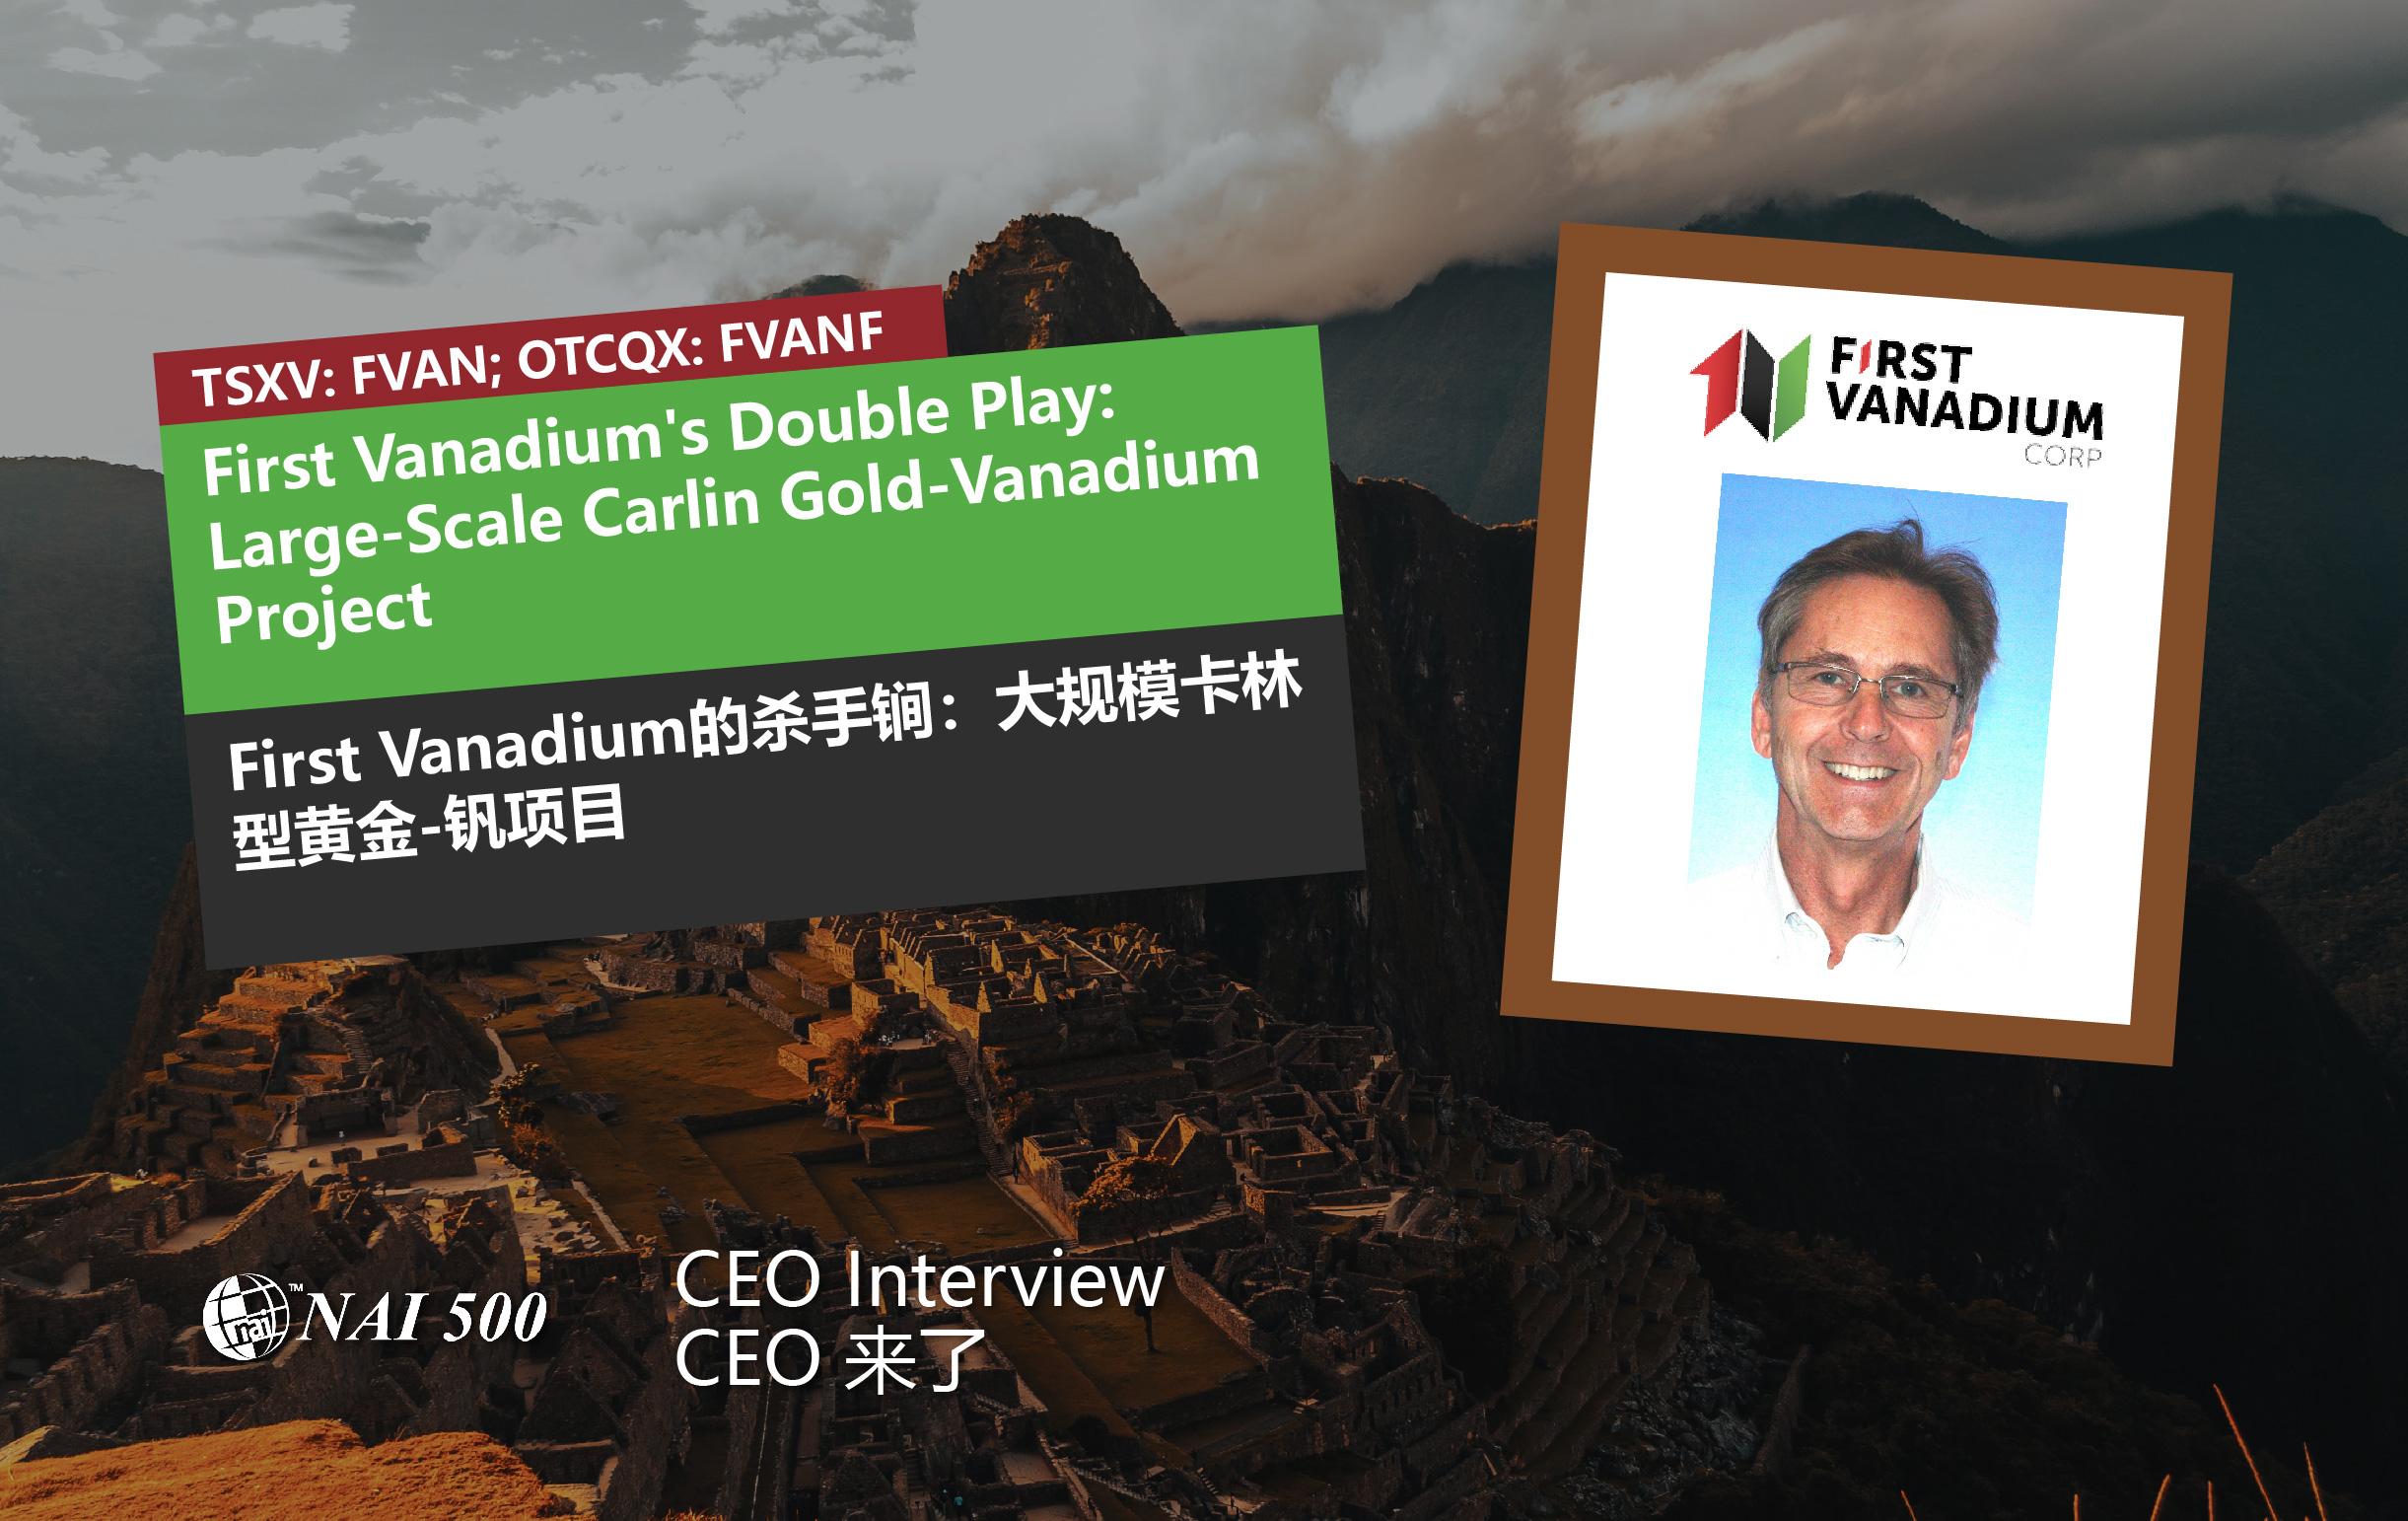 First Vanadium